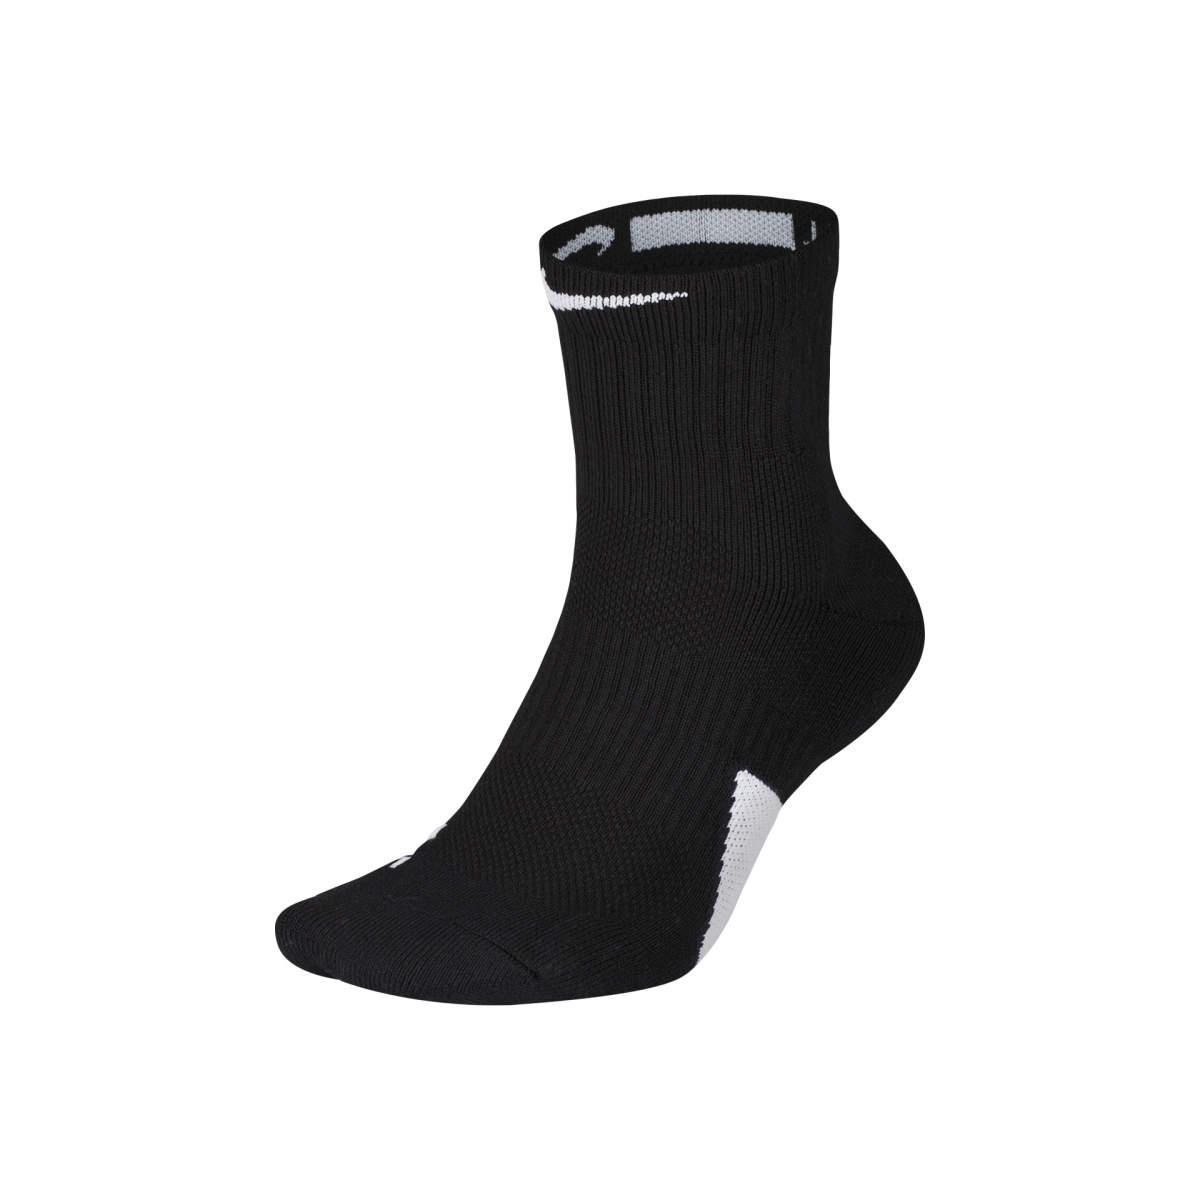 Elite mid socks black